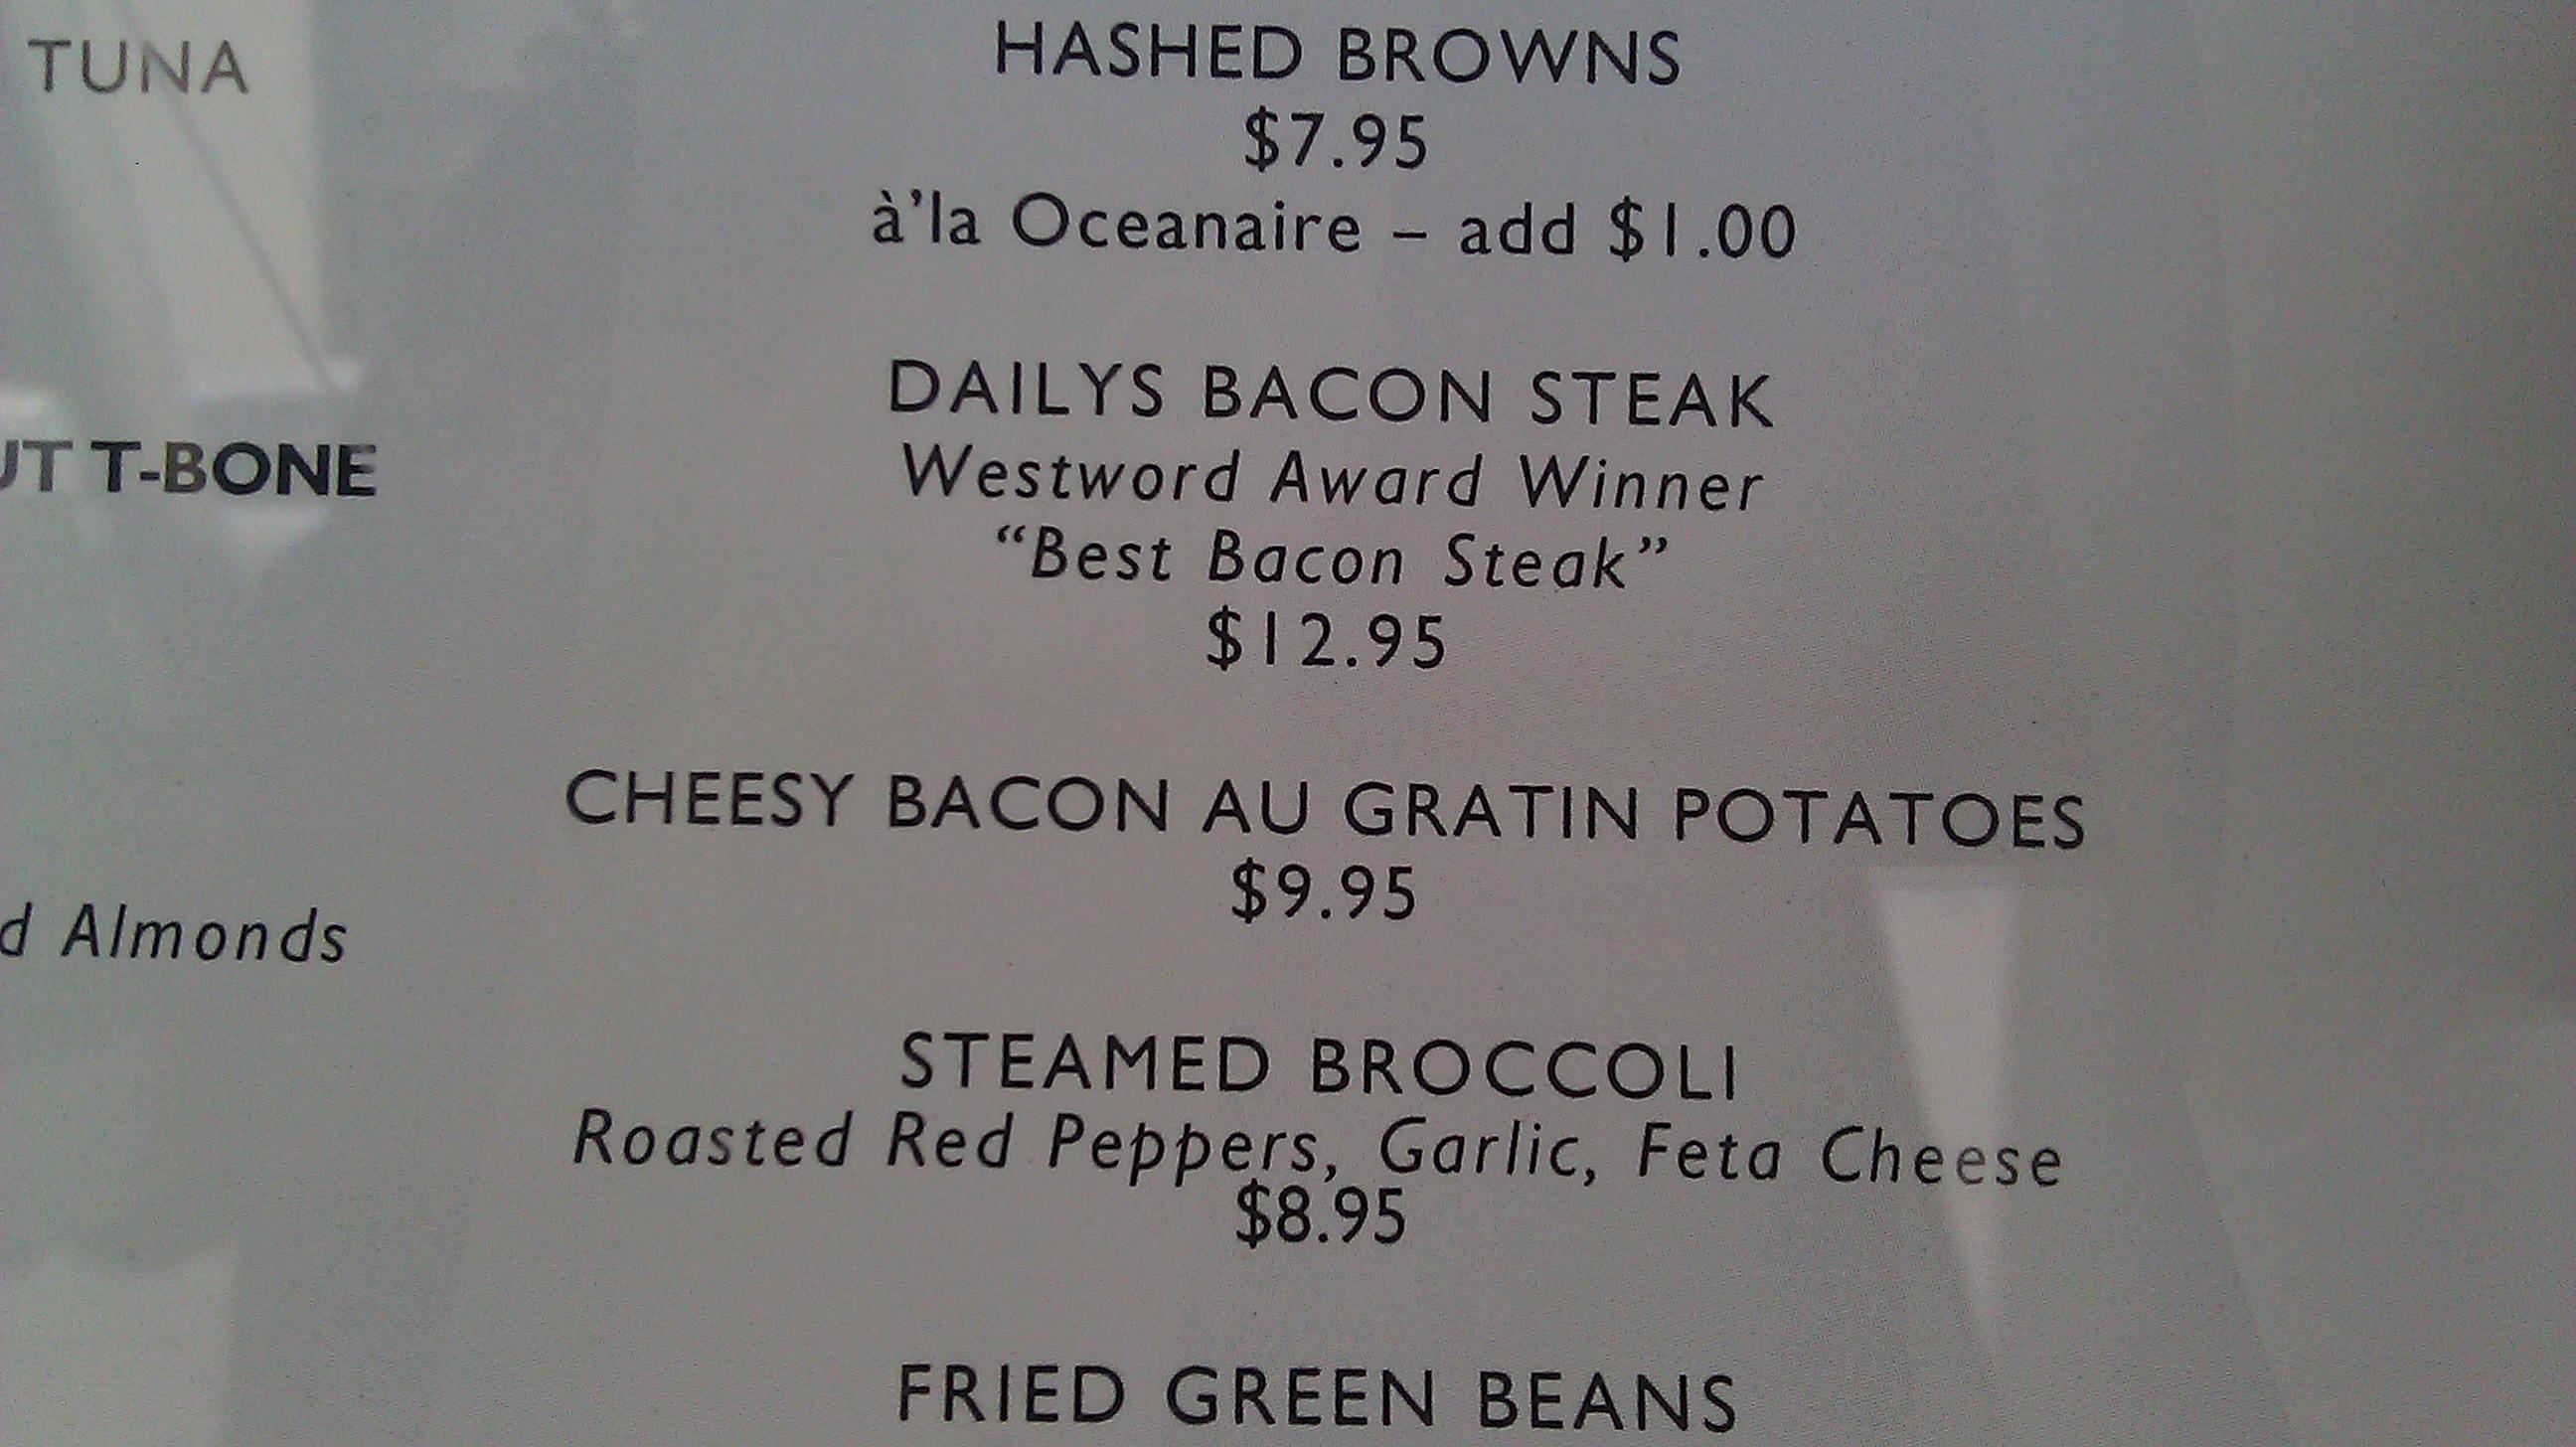 BaconSteak.jpg